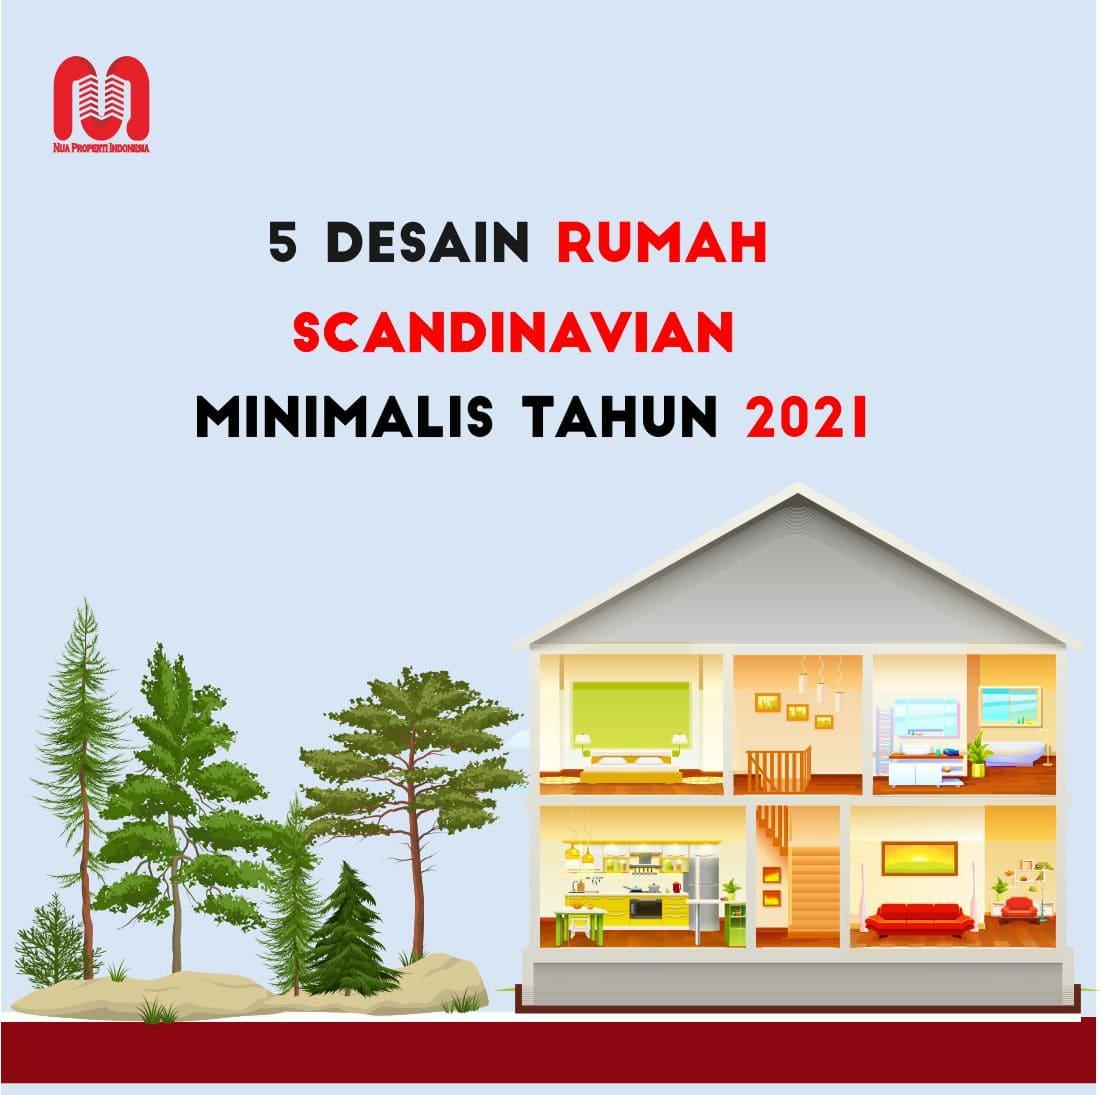 5 Desain Rumah Scandinavian Minimalis Tahun 2021 Nua Properti